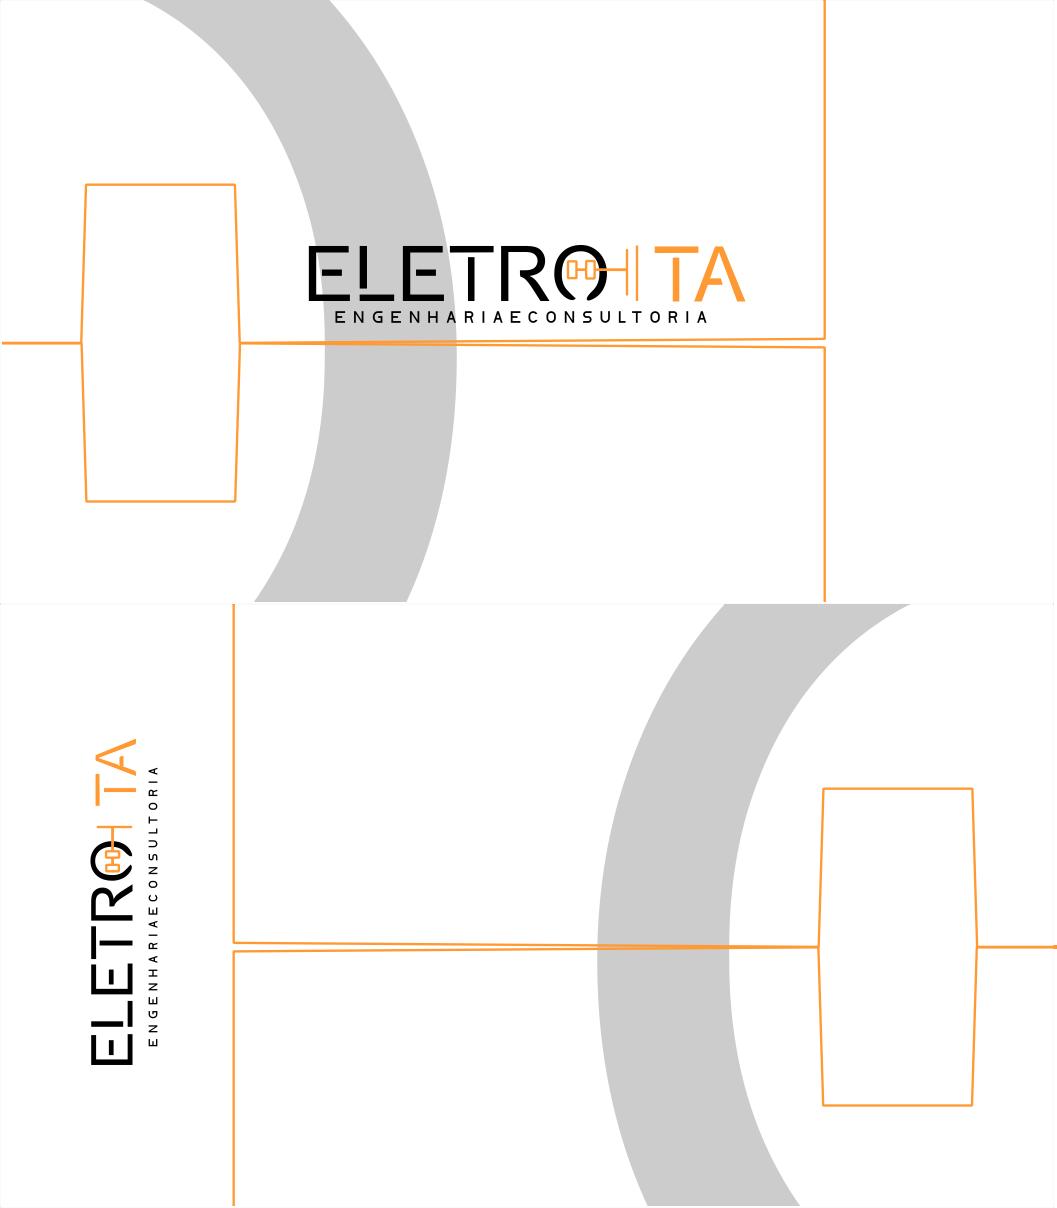 #Logo #Cartão #Eletrica